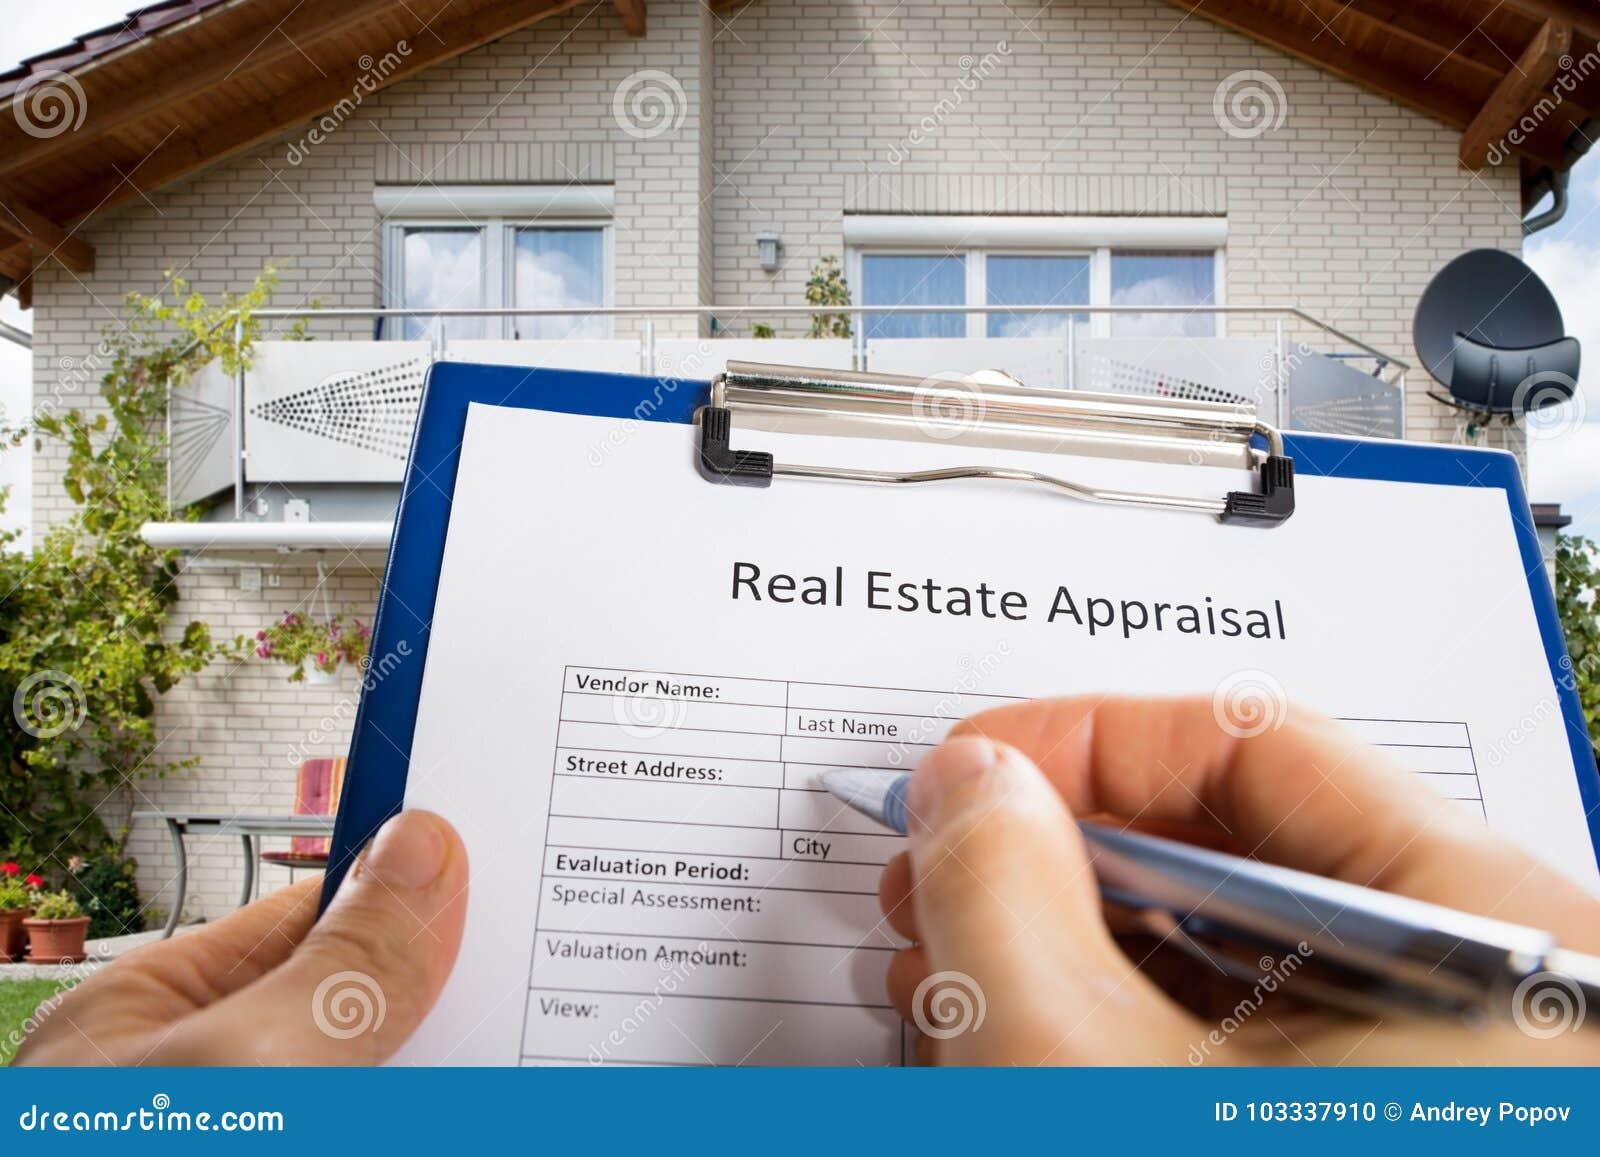 Documento de la valoración de Person Hand Filling Real Estate